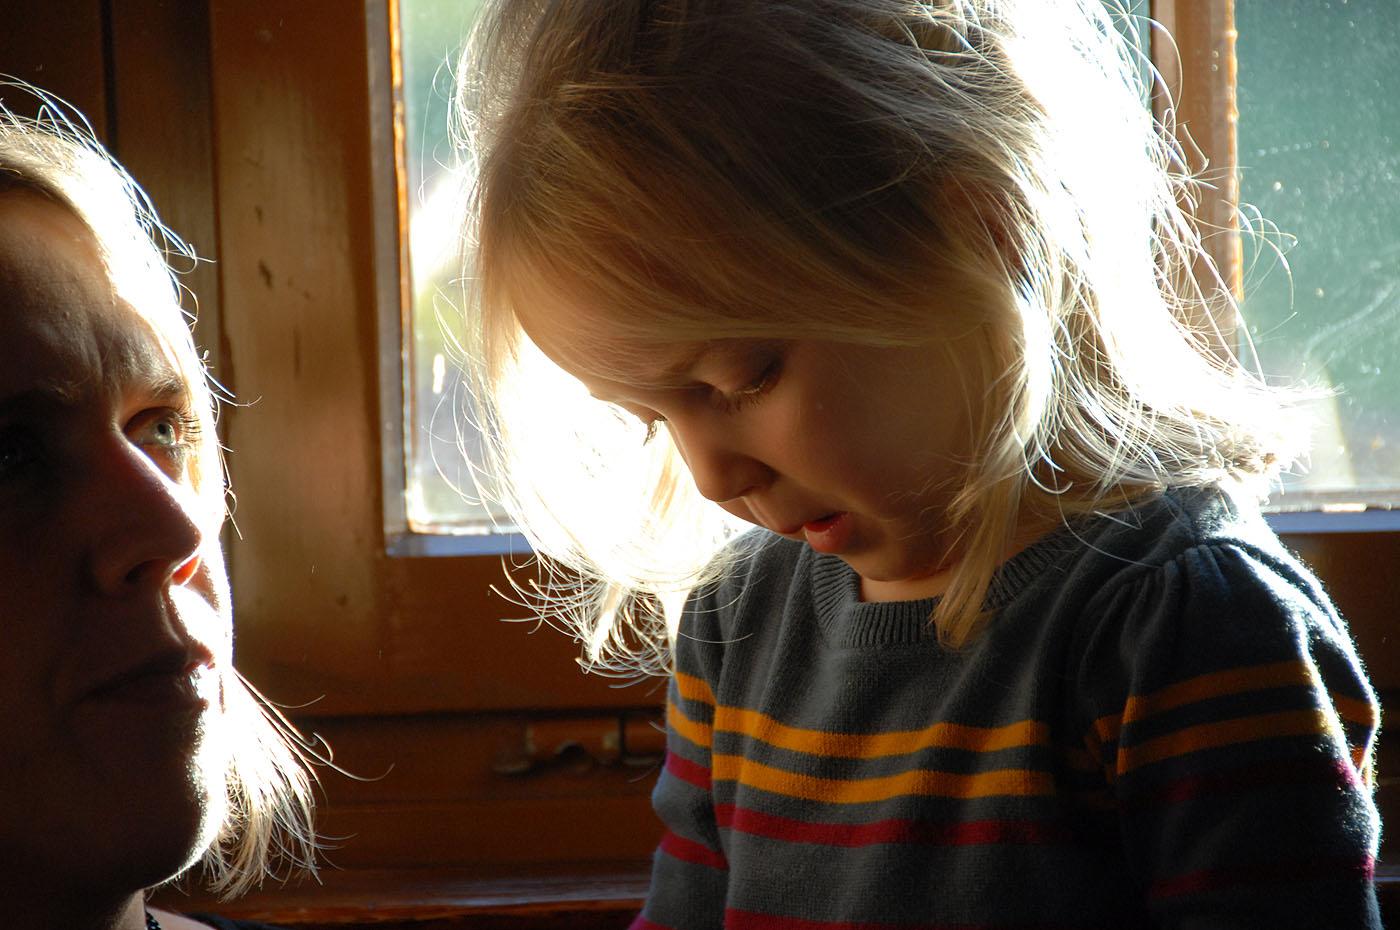 Familientag_23.11.14-Einsiedel_Foto bräu_178